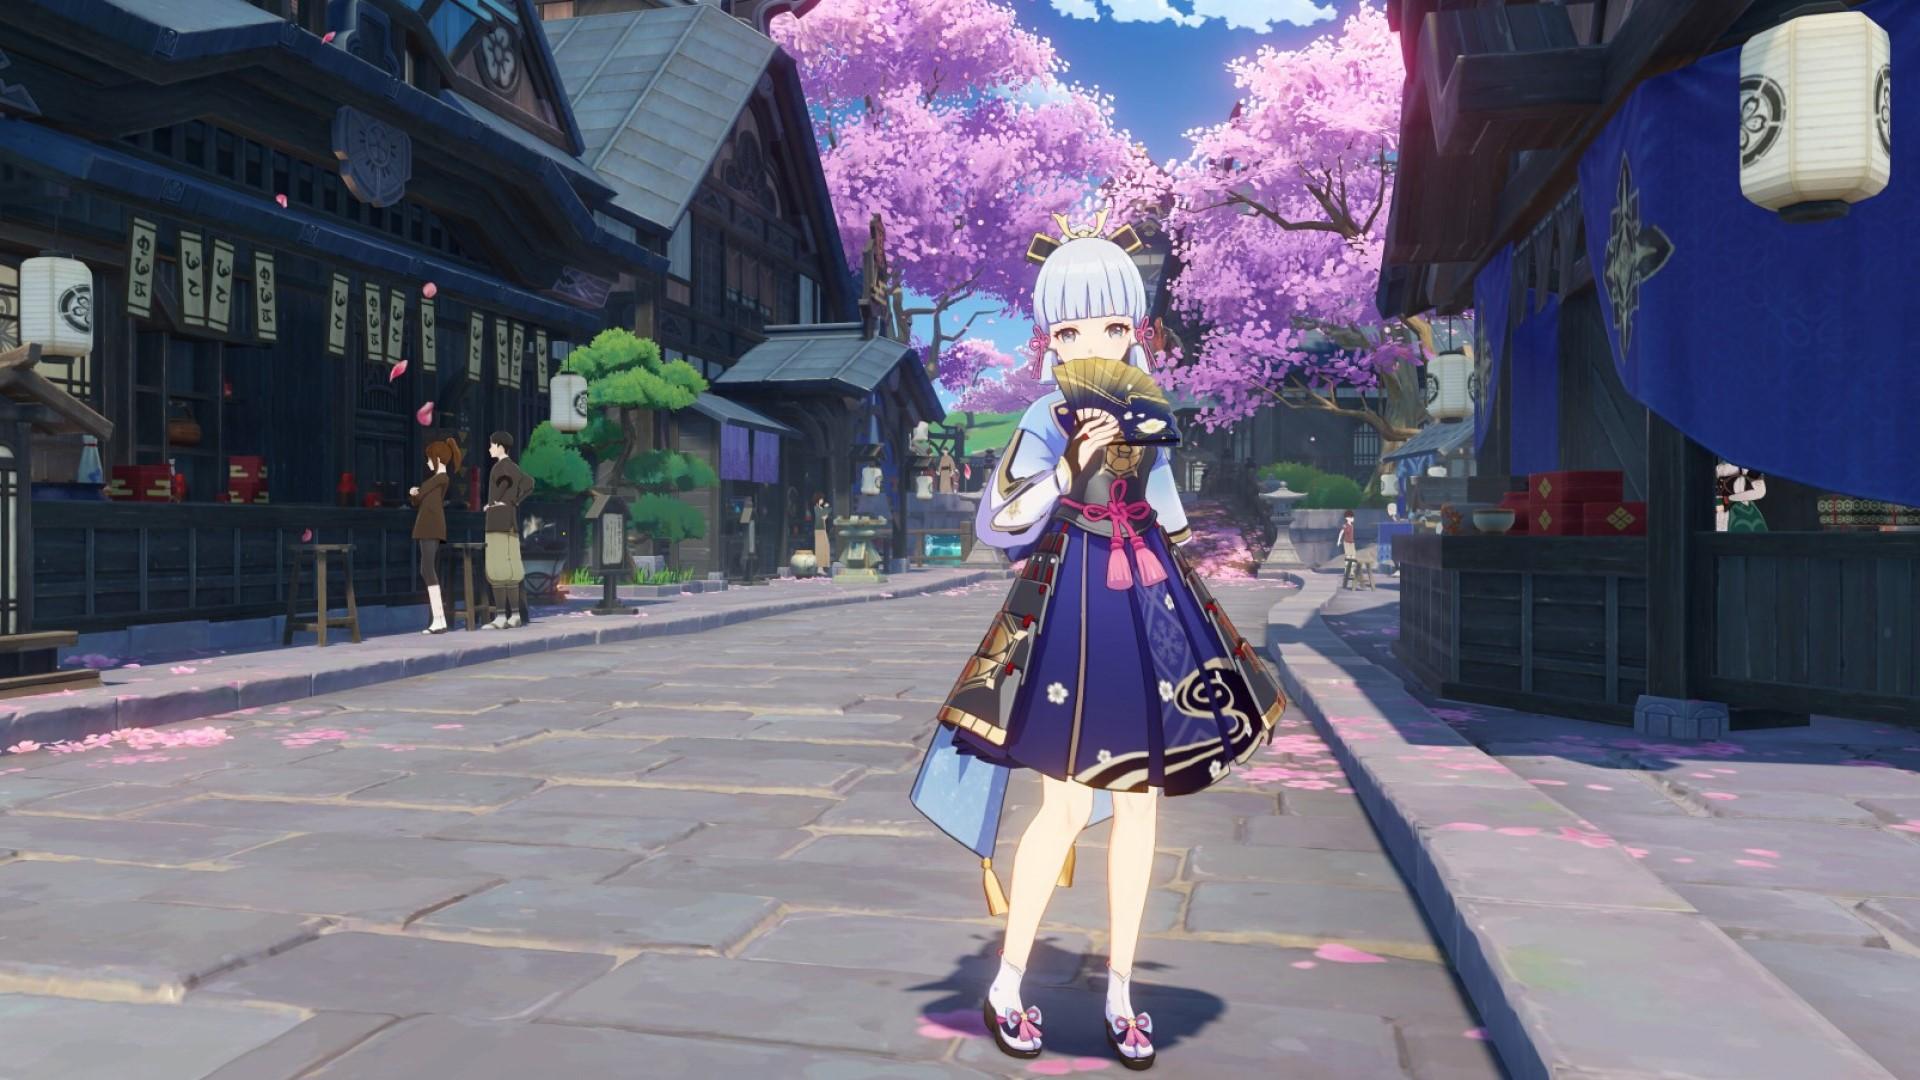 Genshin Impact character, Ayaka, unfurls a fan, standing in the street of Inazuma city